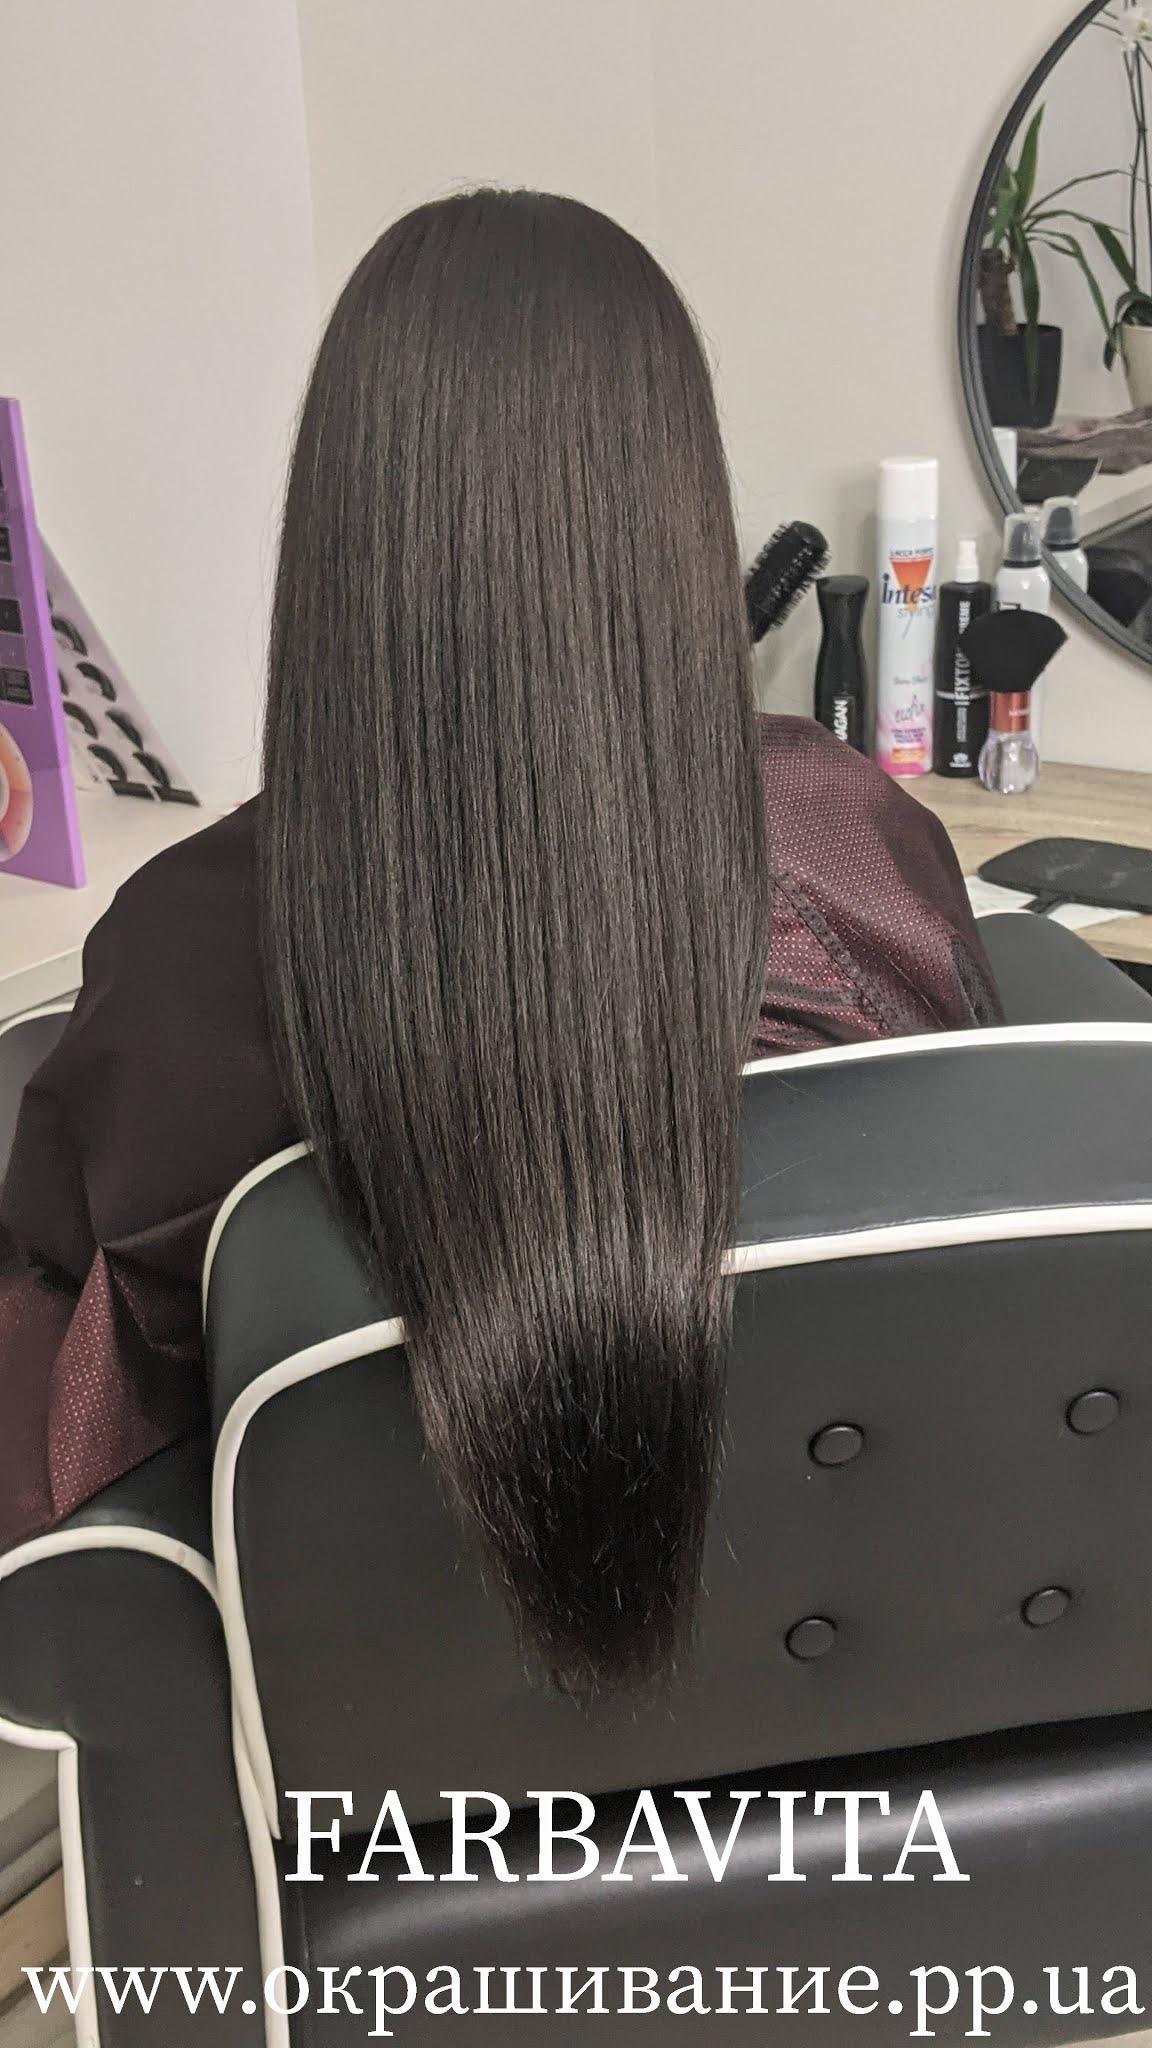 Окрашивание длинных волос в шоколадный цвет